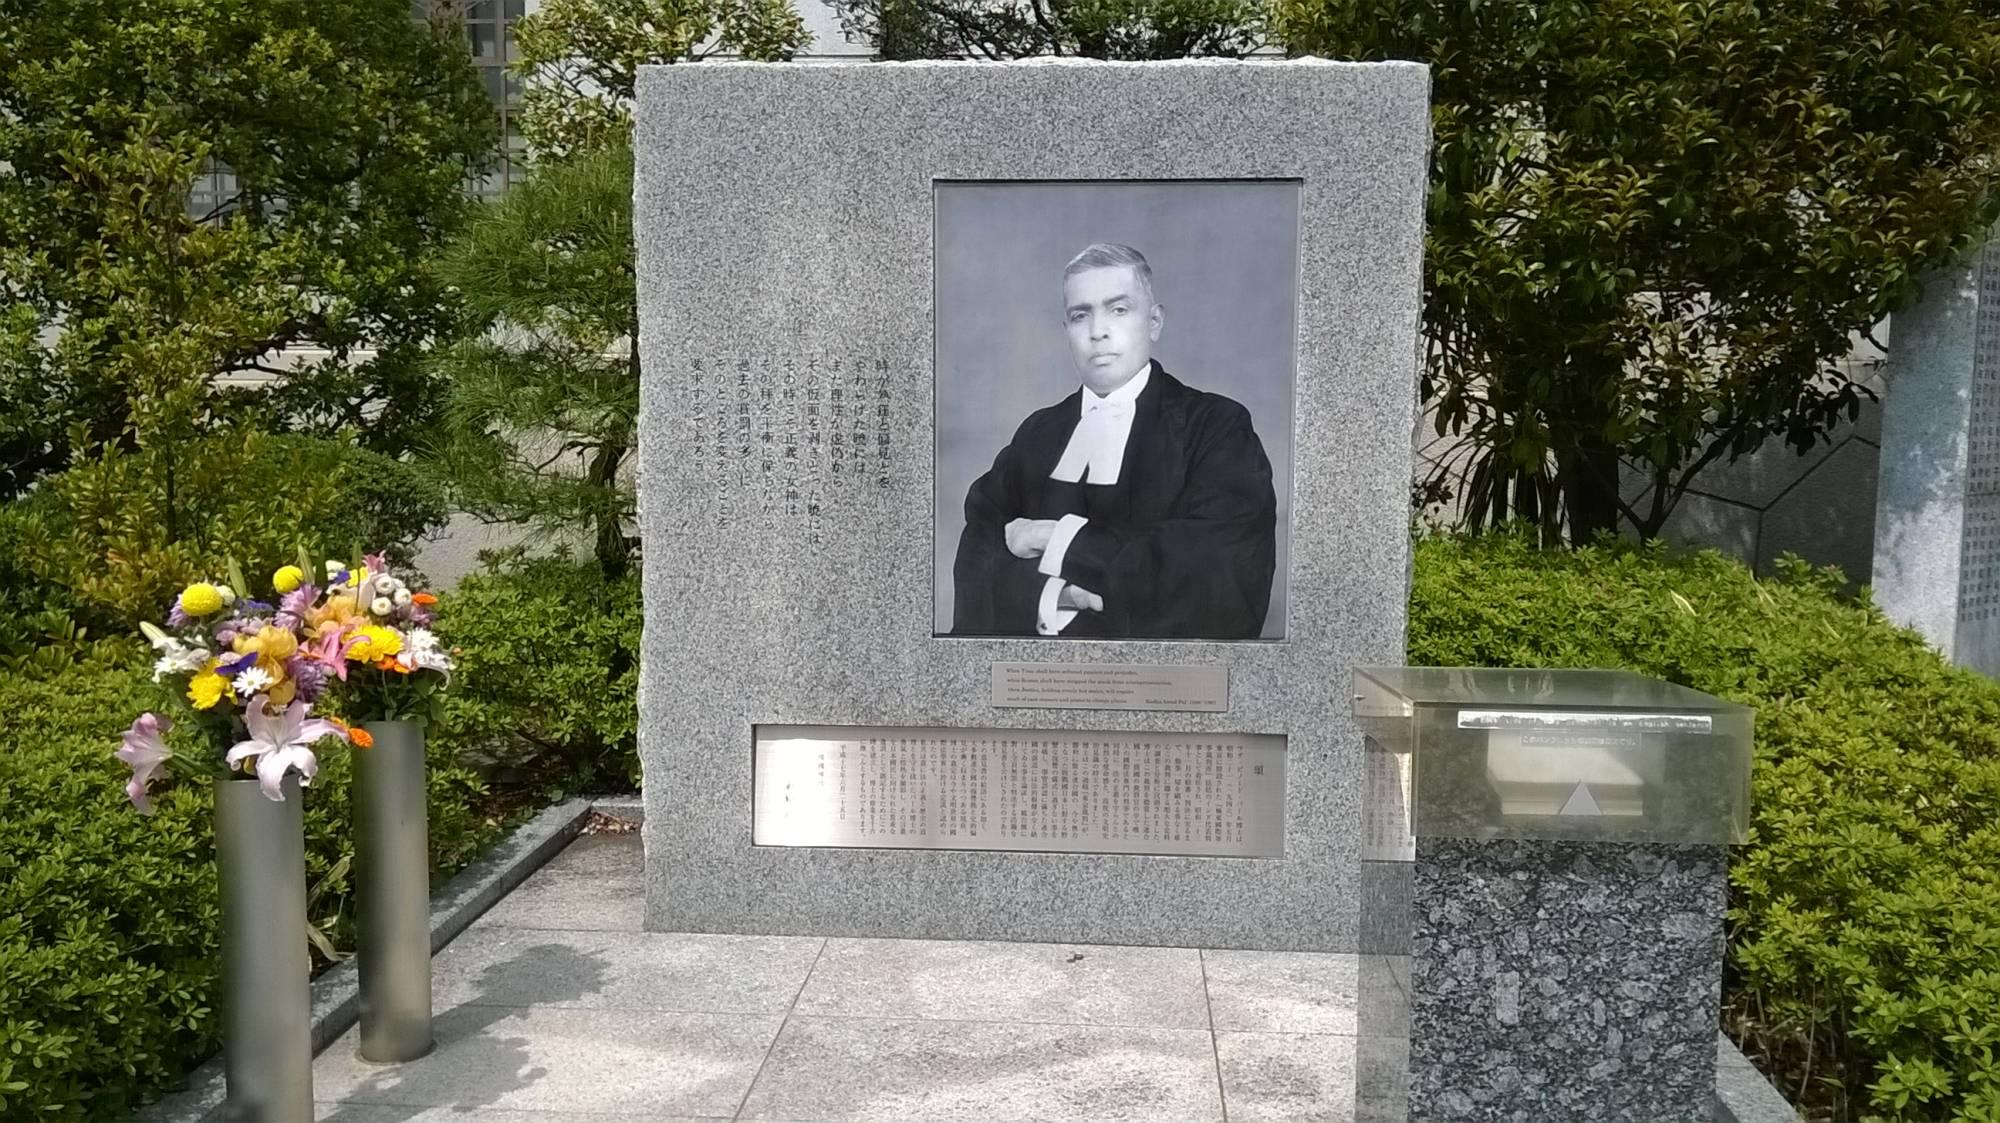 Индиец Радхабинод Пал был единственным судьей на Токийском трибунале, оправдавшим обвиняемых в Категории А, то есть в совершении преступлений против мира и человечности. Обелиск ему на территории храма Ясукуни утопает в цветах